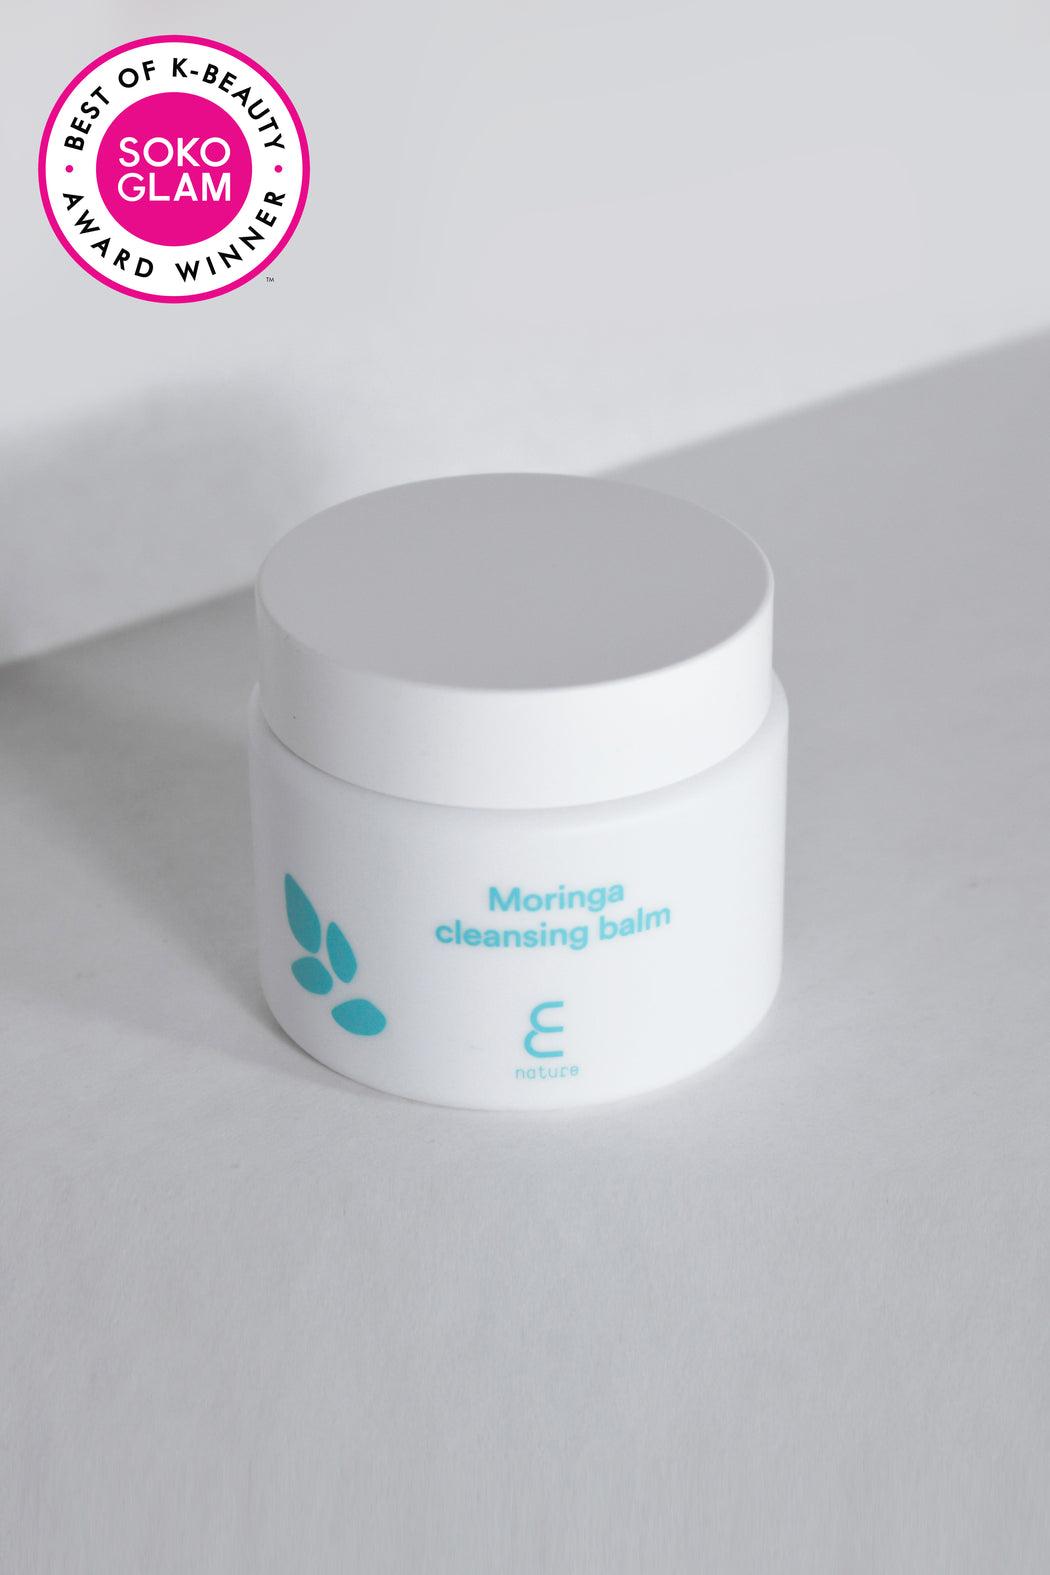 enature.us - Moringa Cleansing Balm